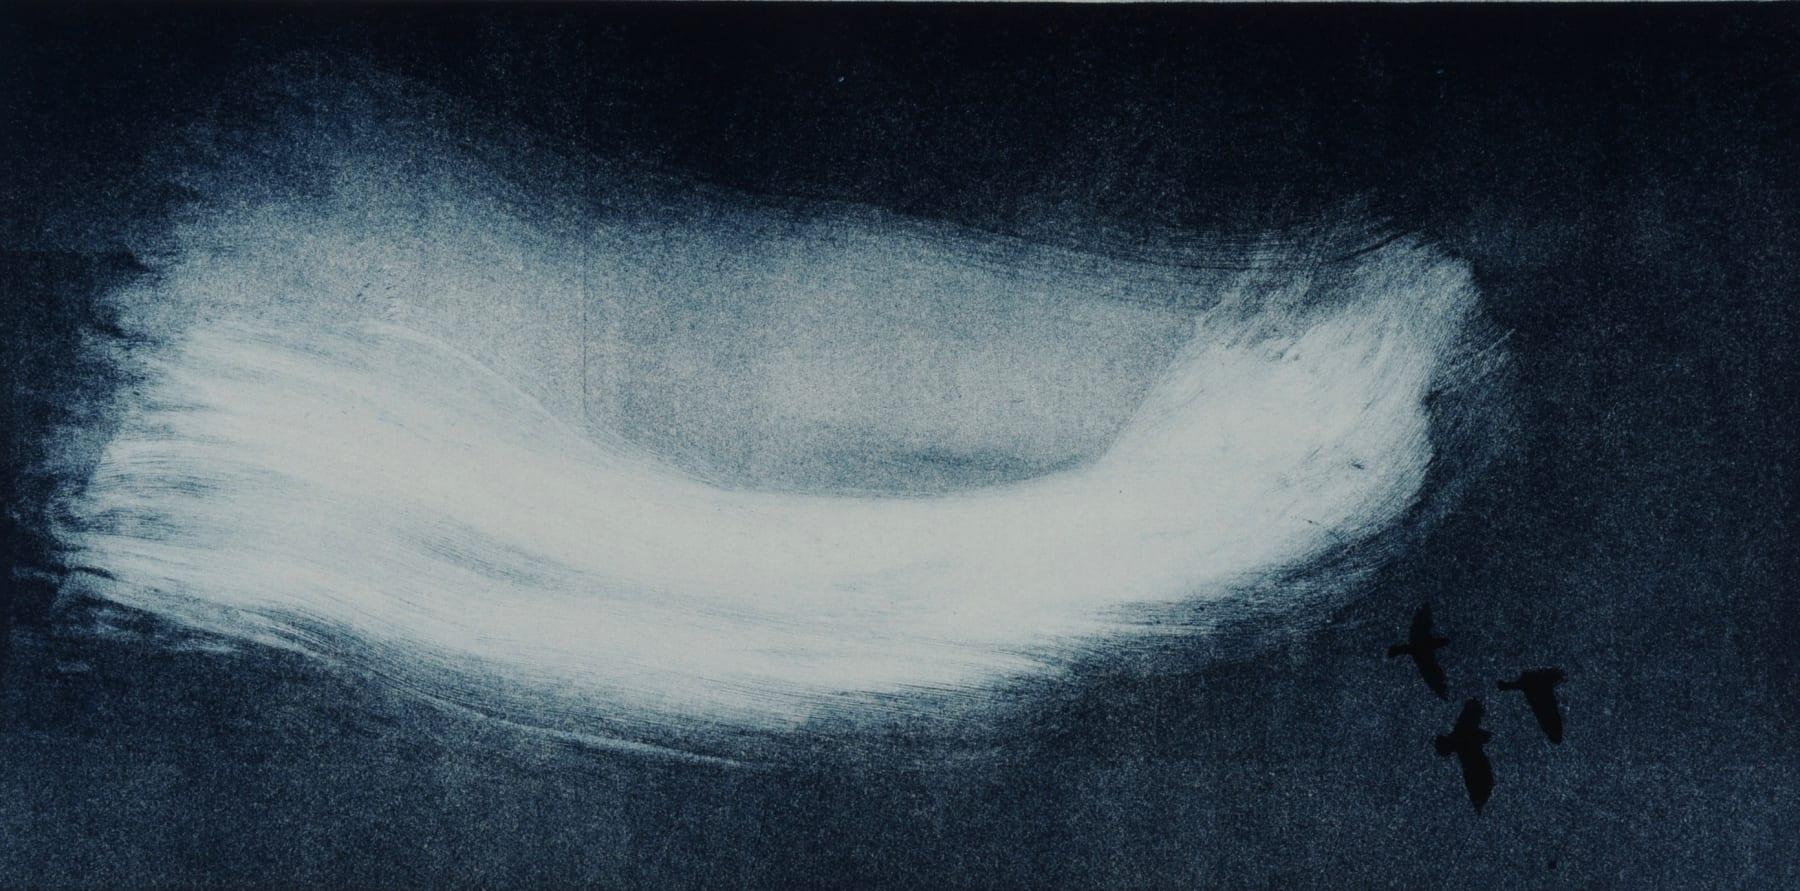 Nigel Swift, Night Cloud, 2020